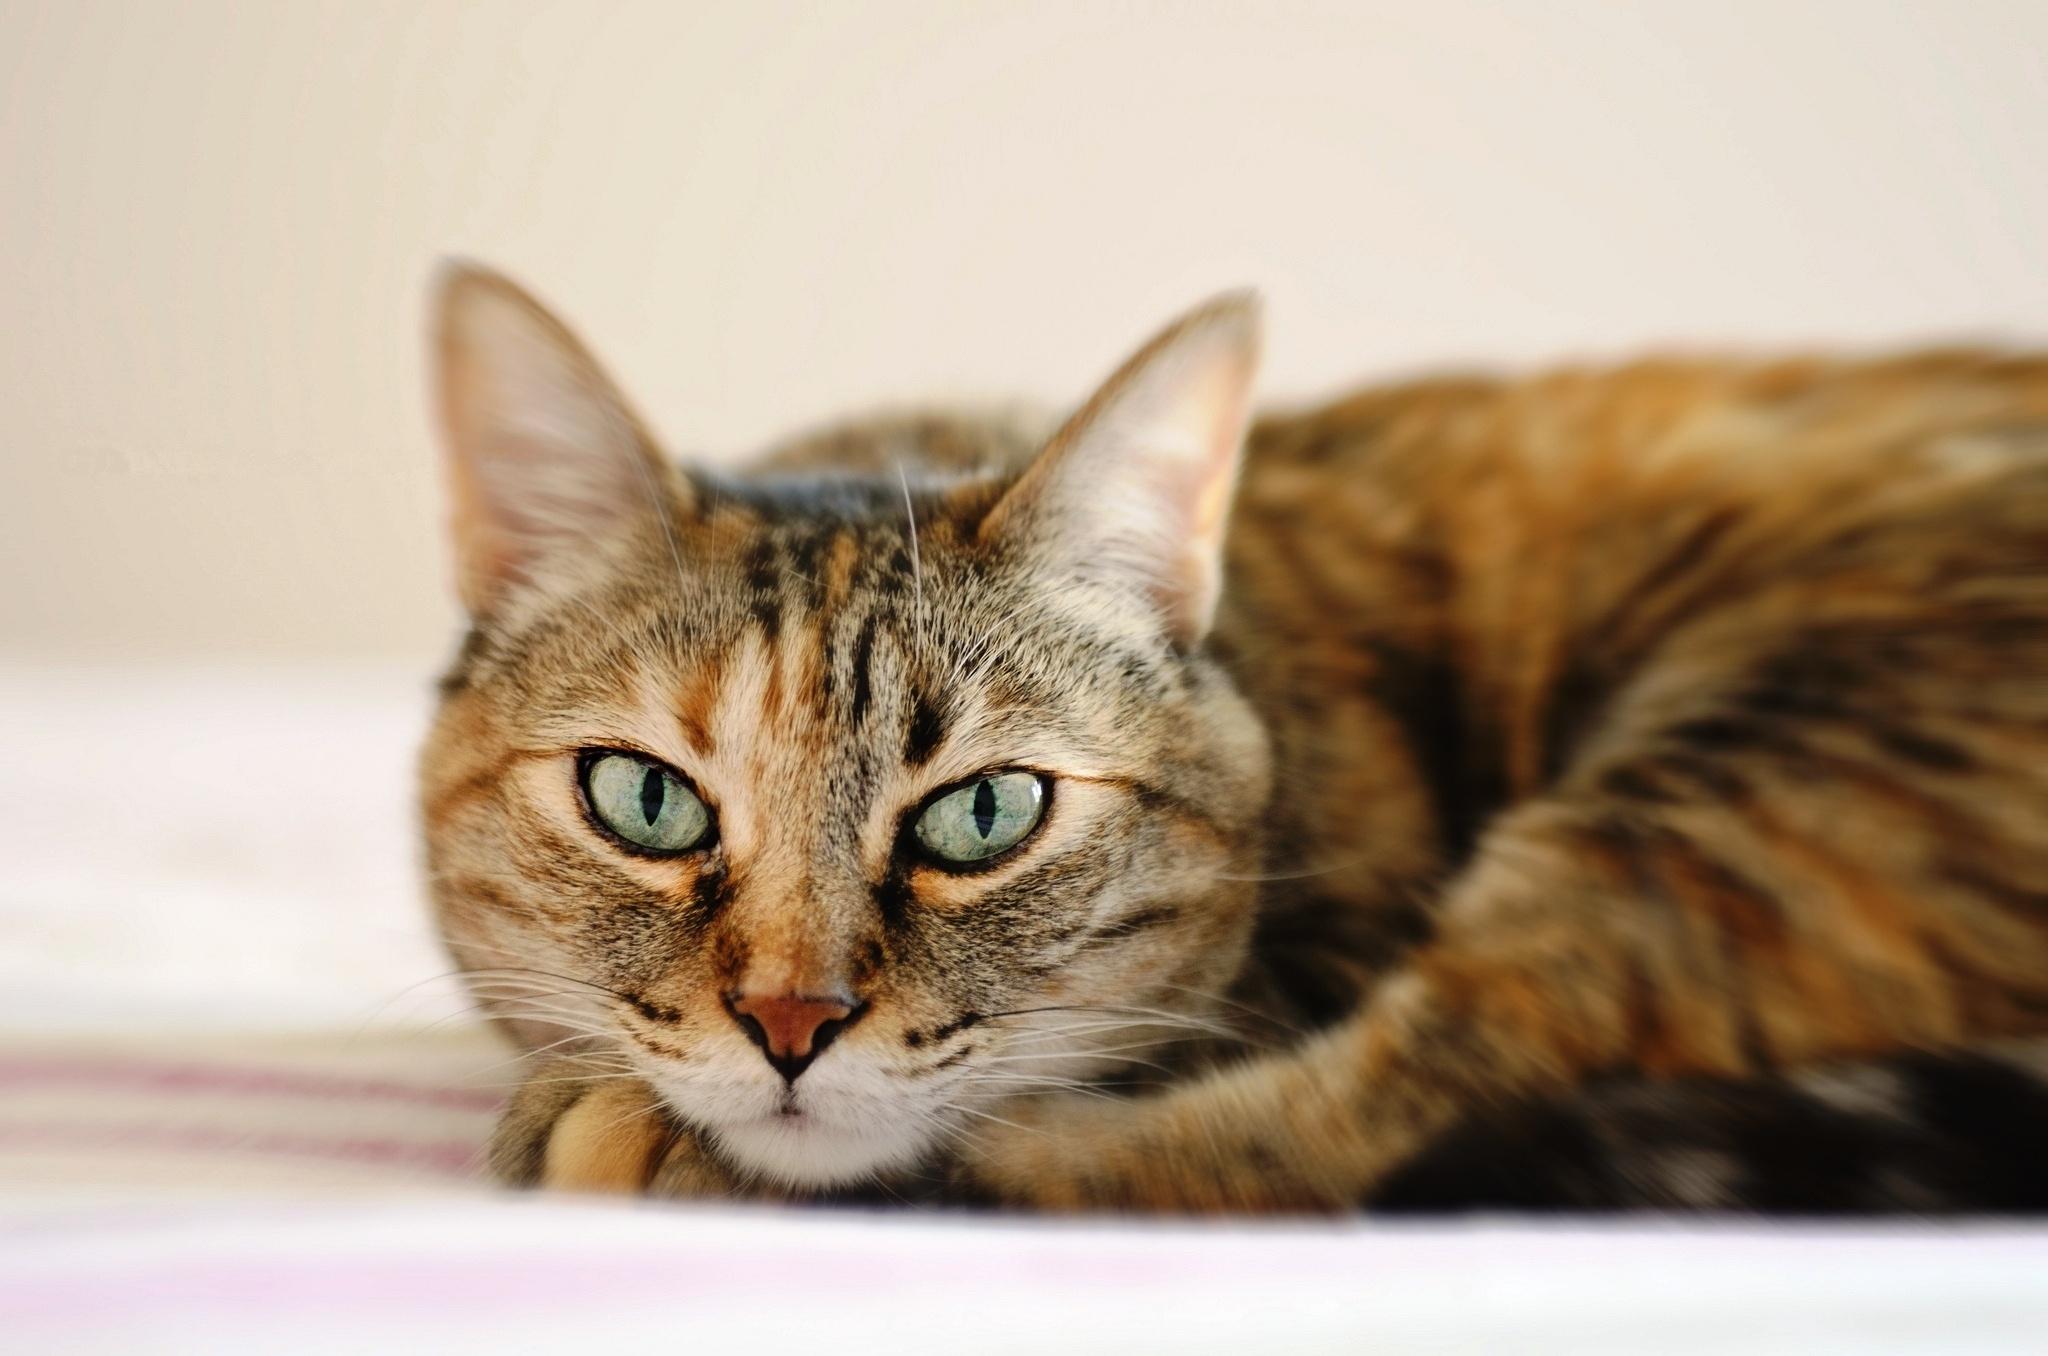 Картинки кошек не простых